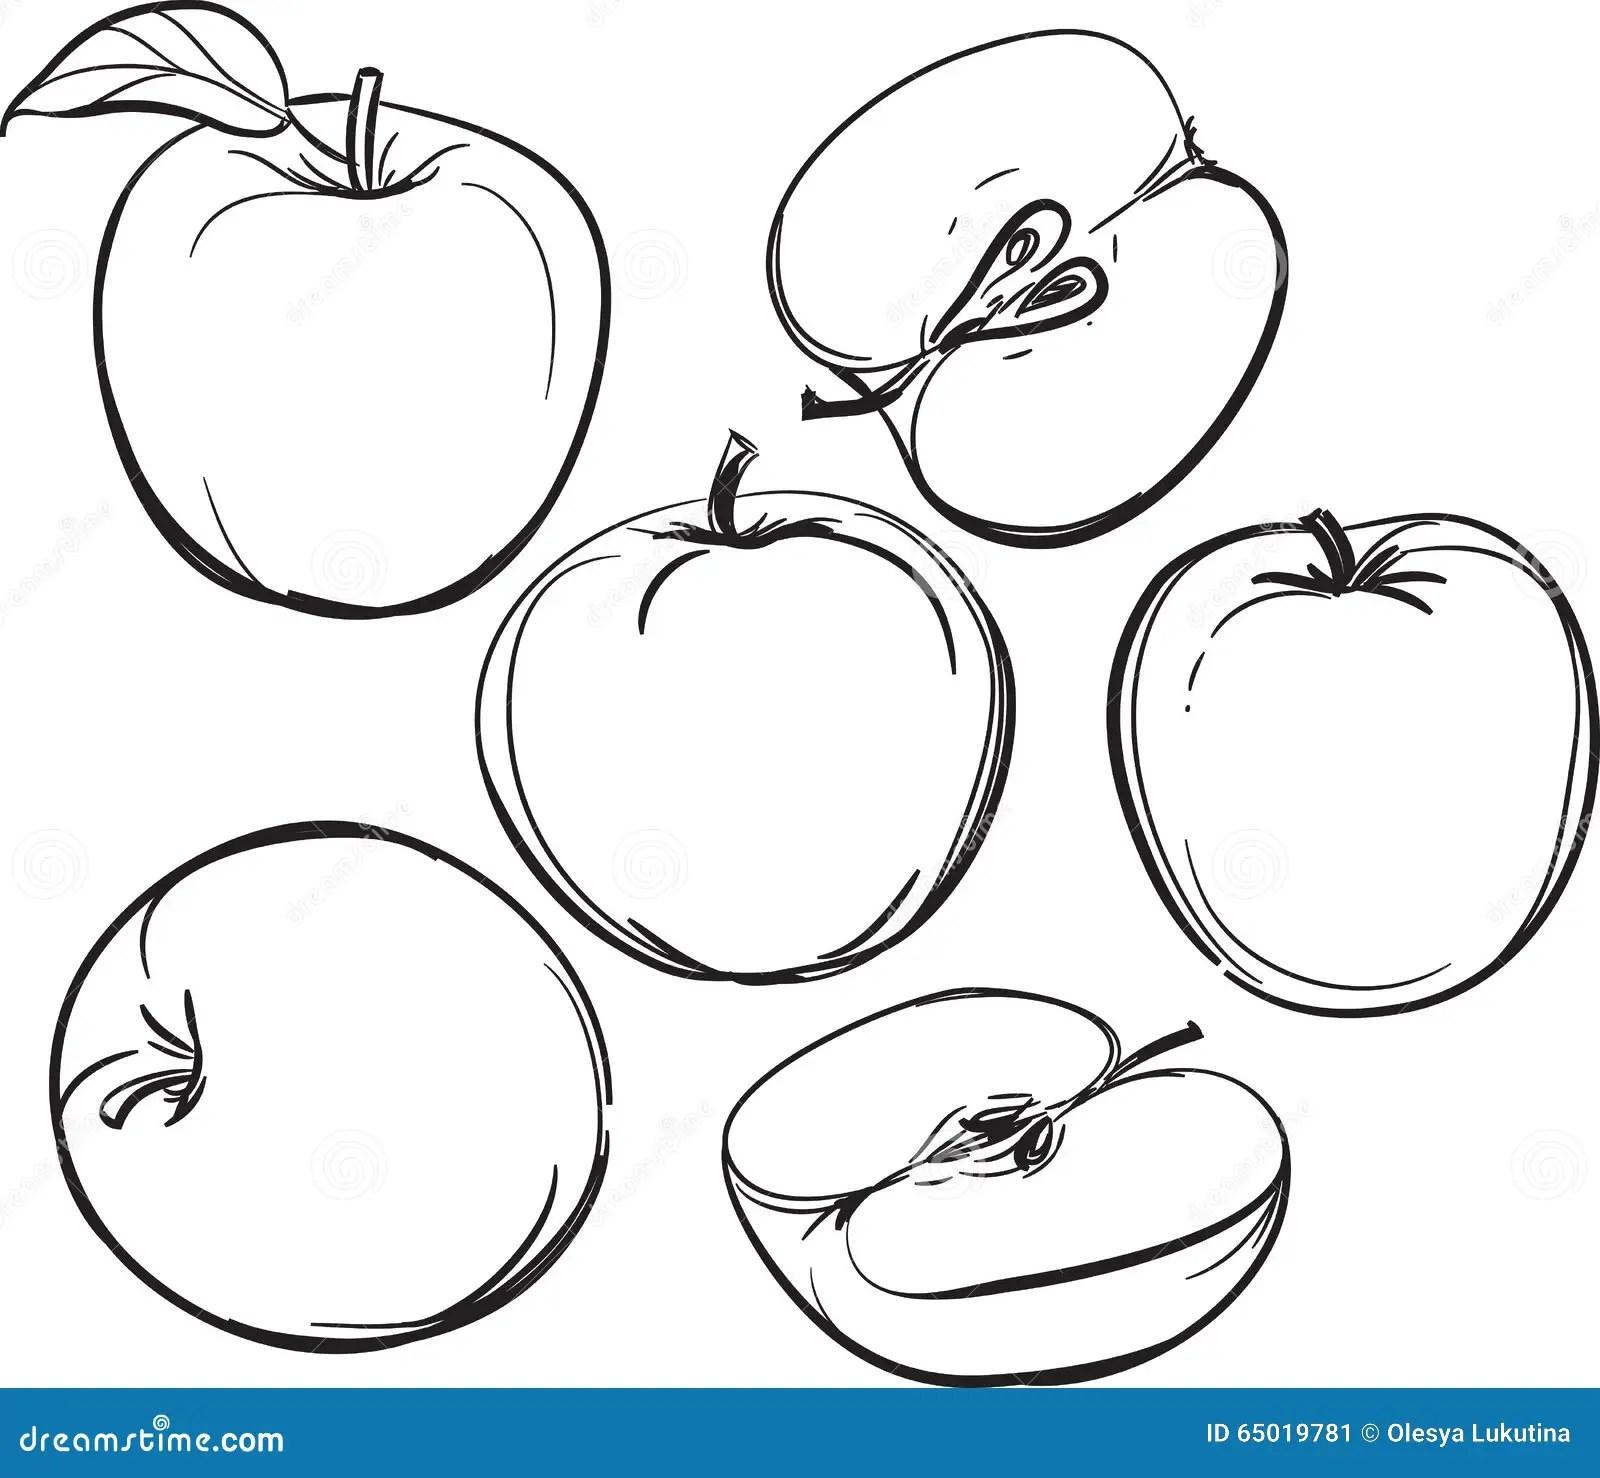 Apple Dessin Au Trait Des Pommes Sur Un Fond Blanc Une